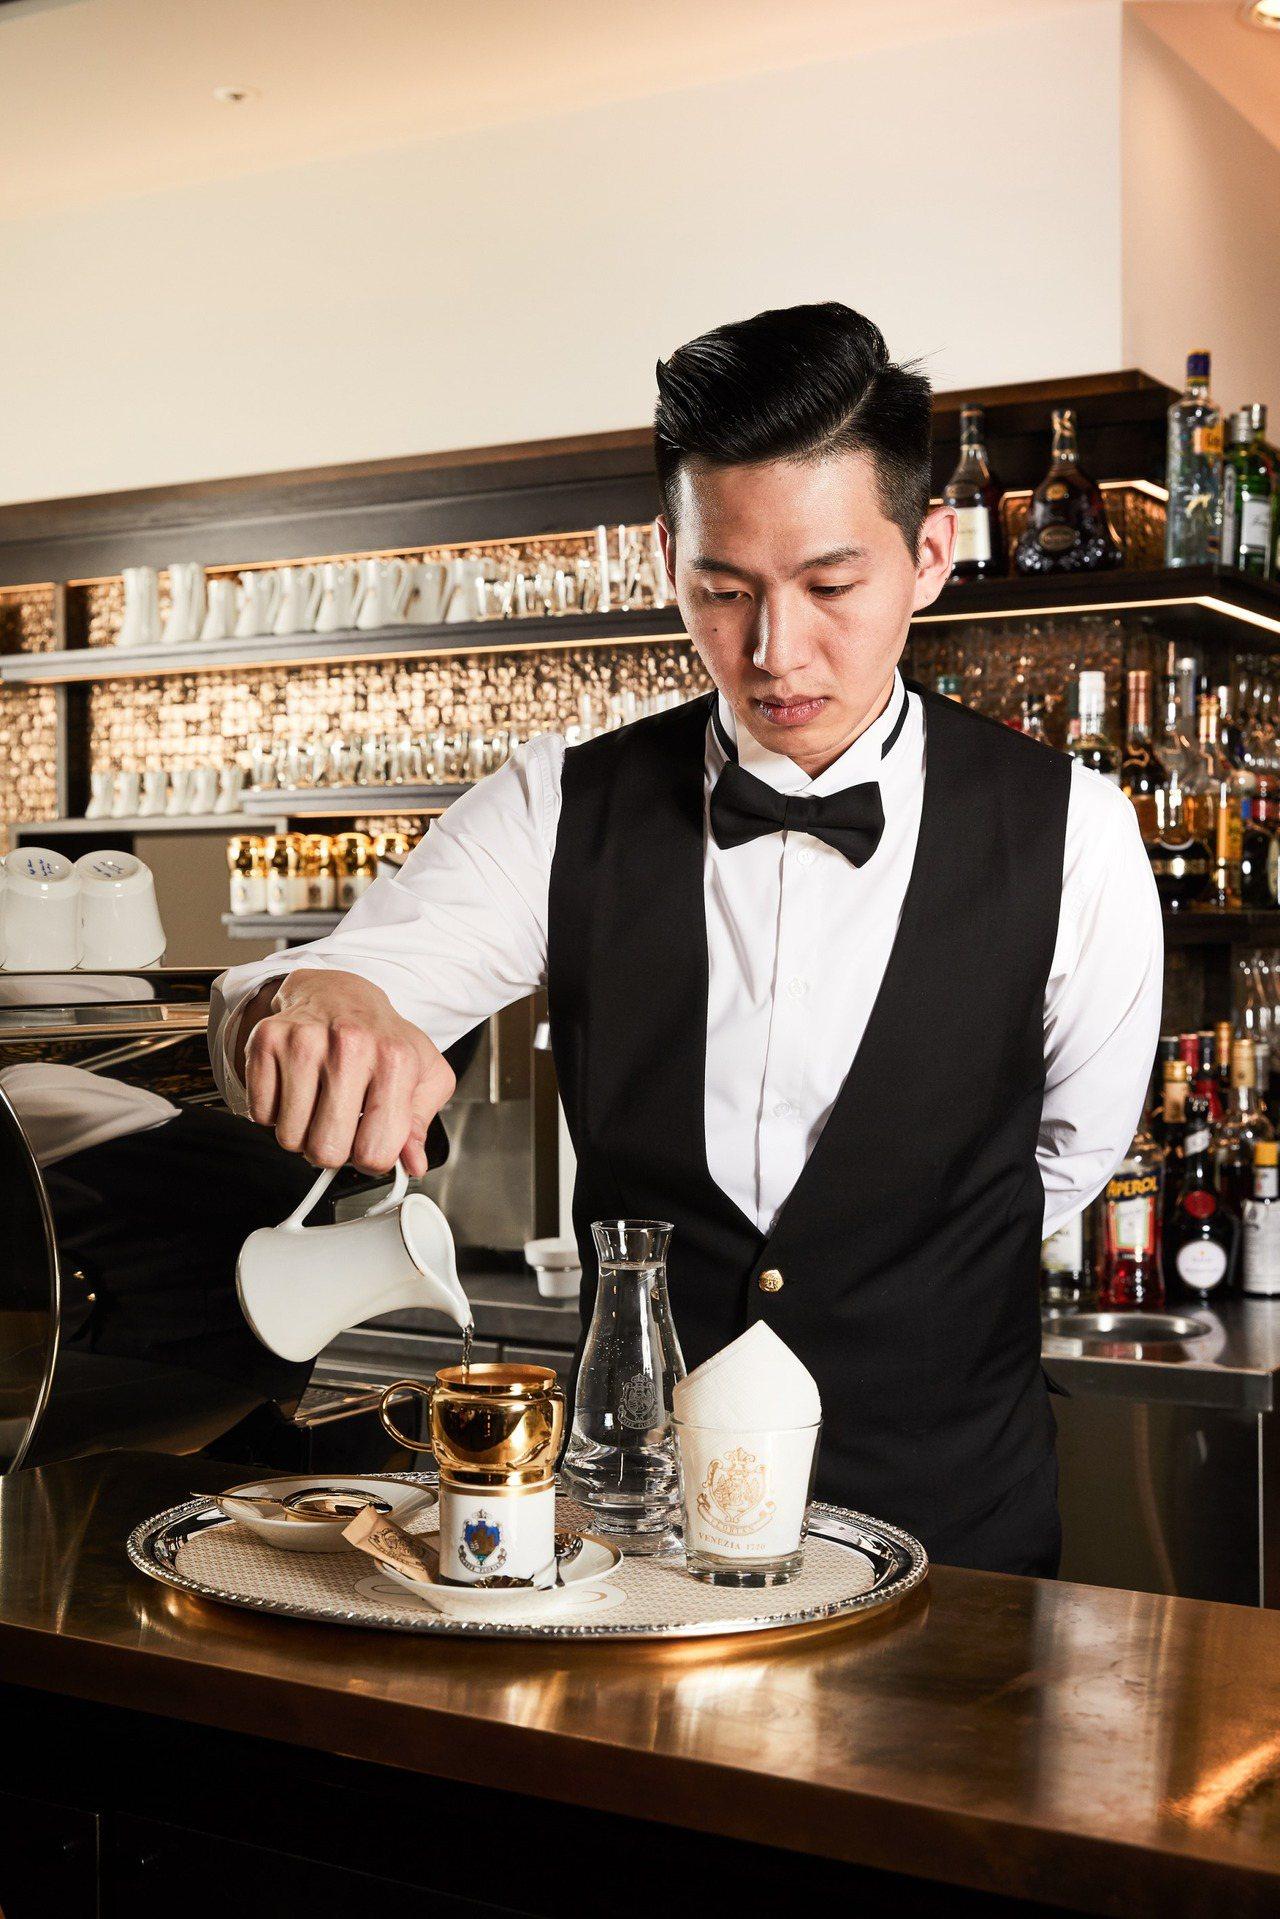 服務生示範古銅濾杯咖啡。圖/福里安花神提供